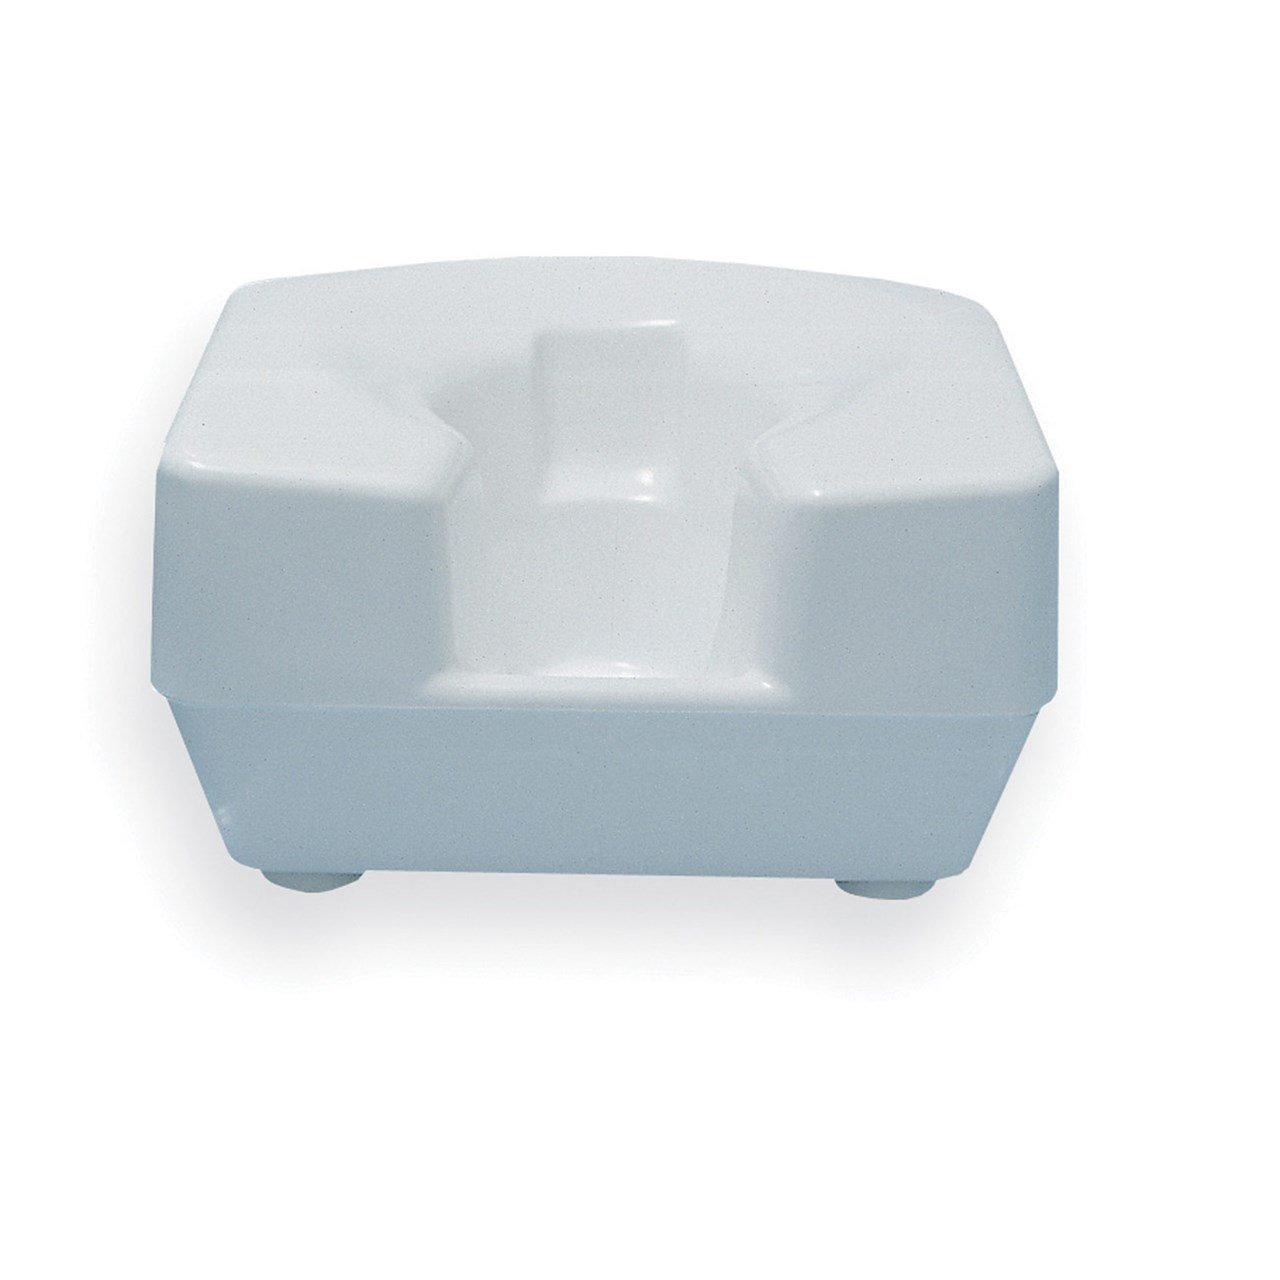 Elevated Bathtub Seat by Maddak Inc.